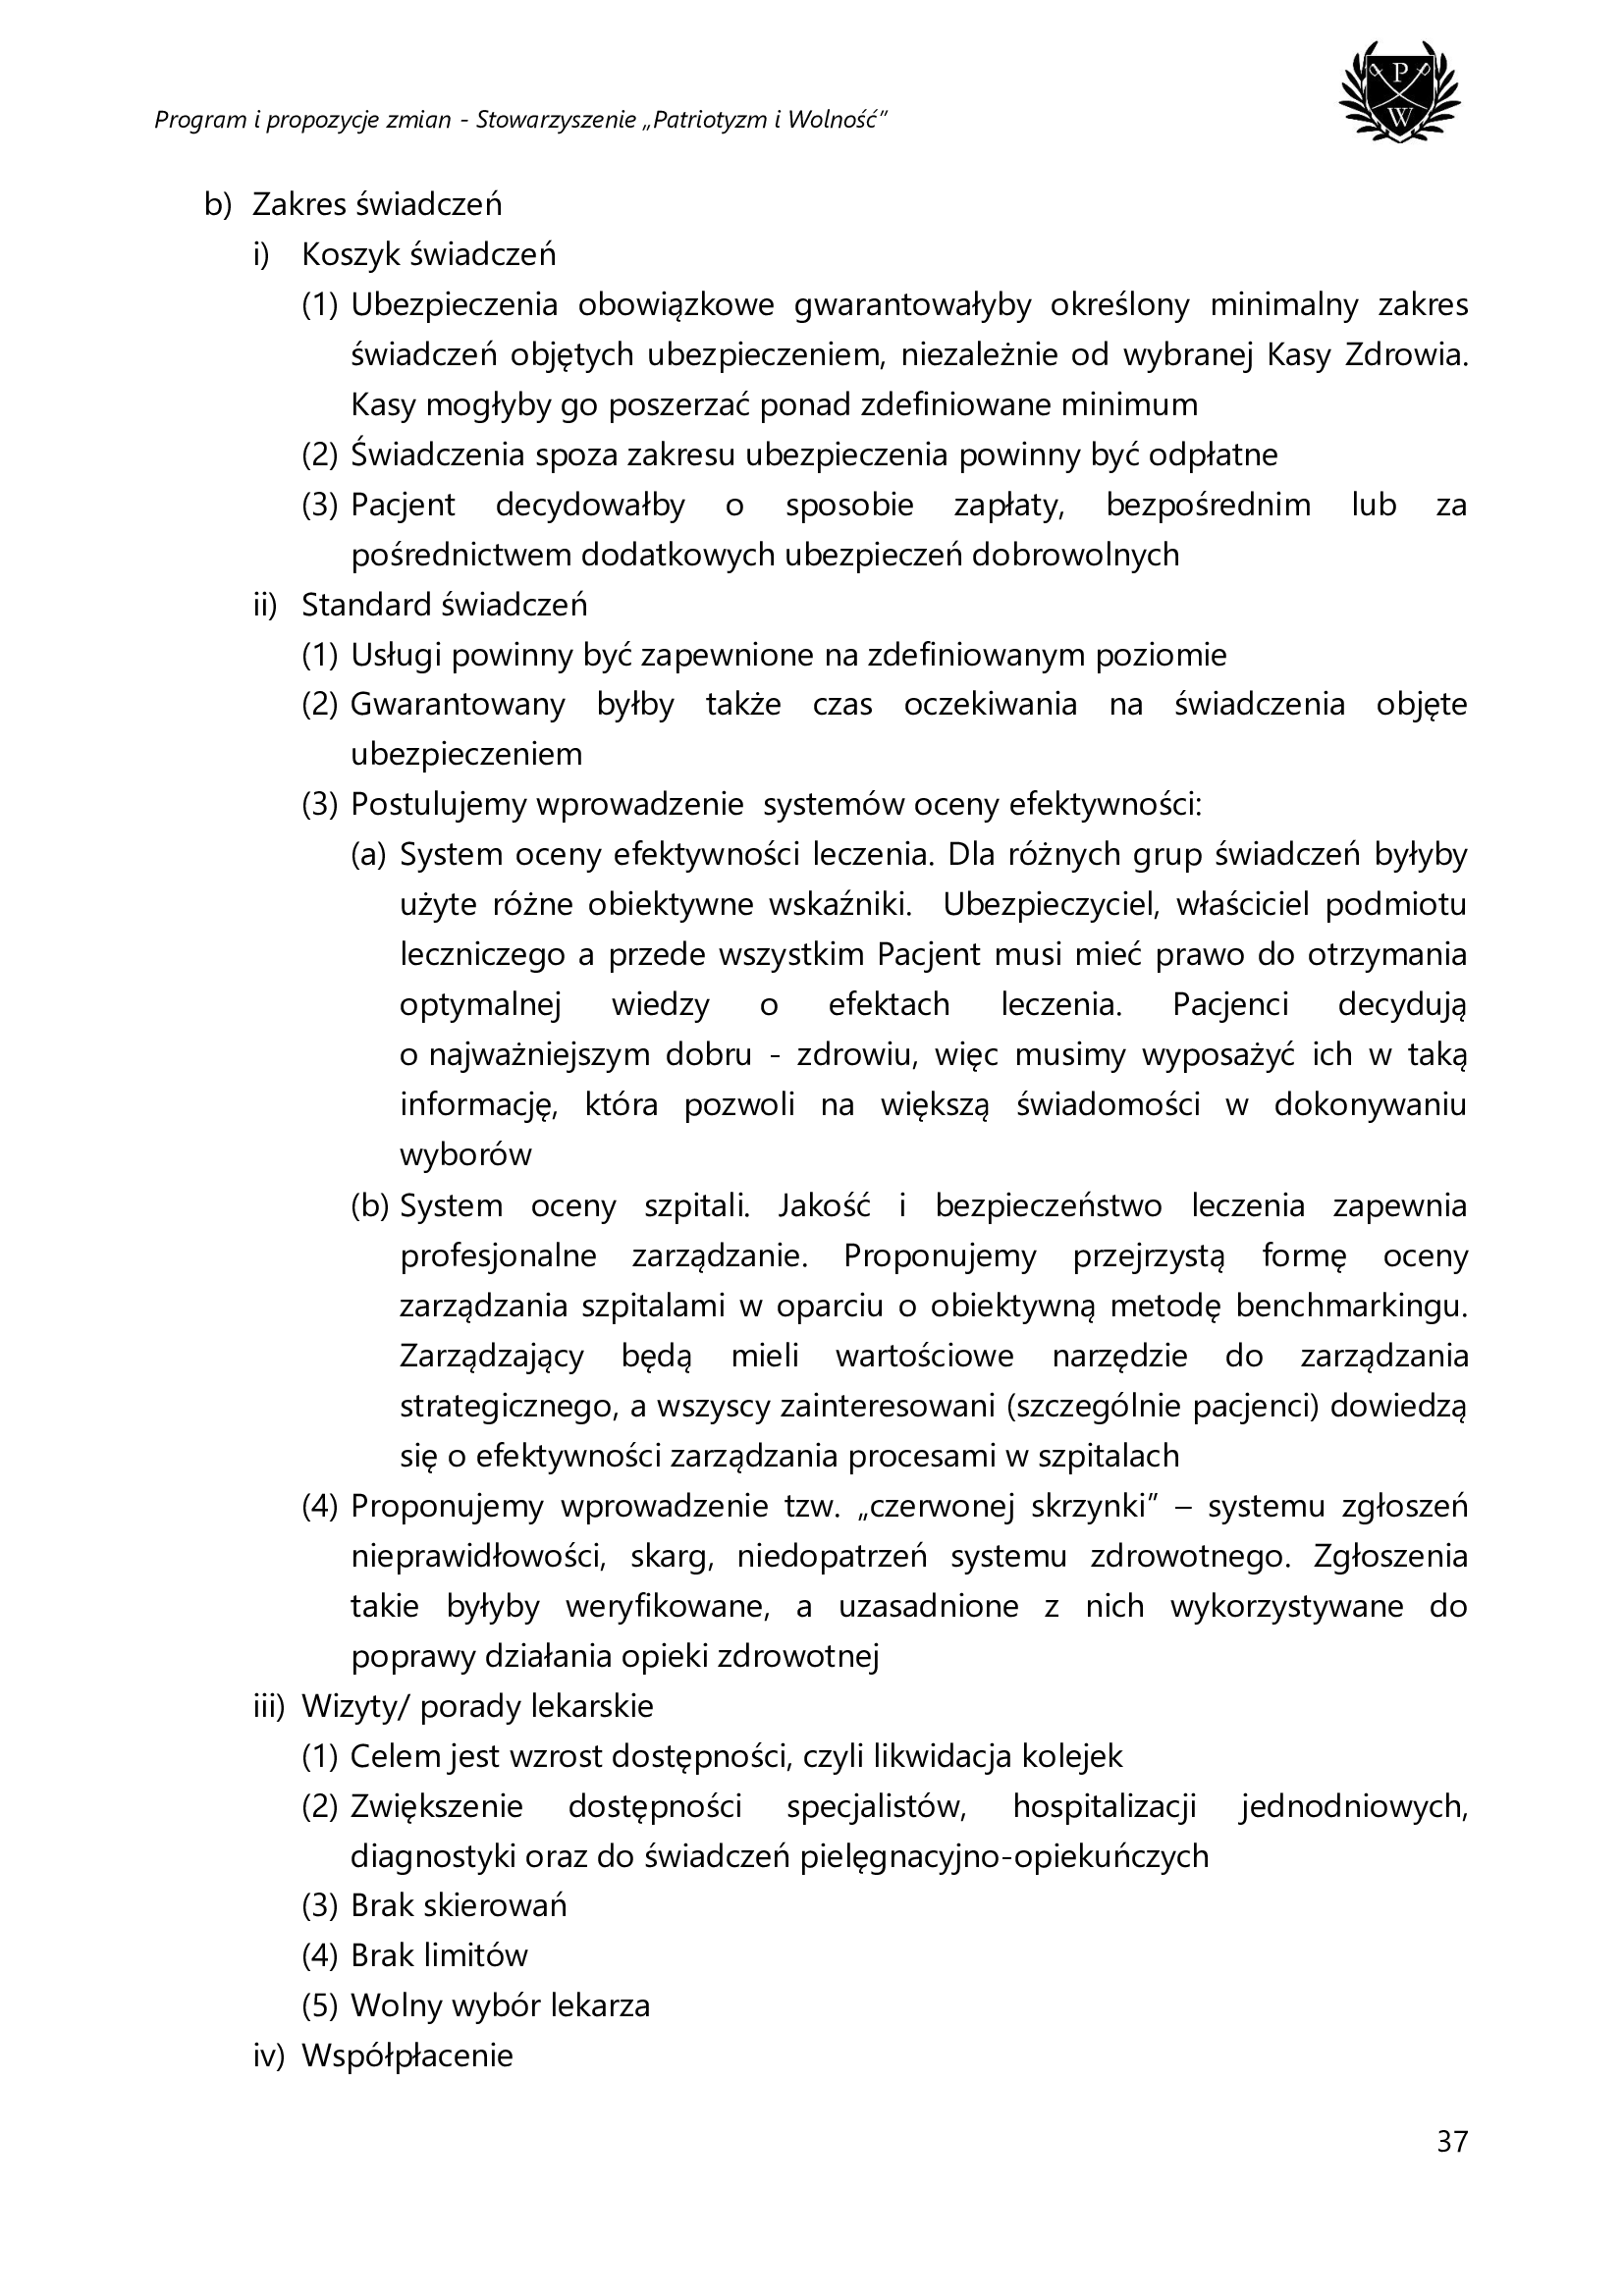 db9e272ef5a9a2e66d26f1905be6c507-37